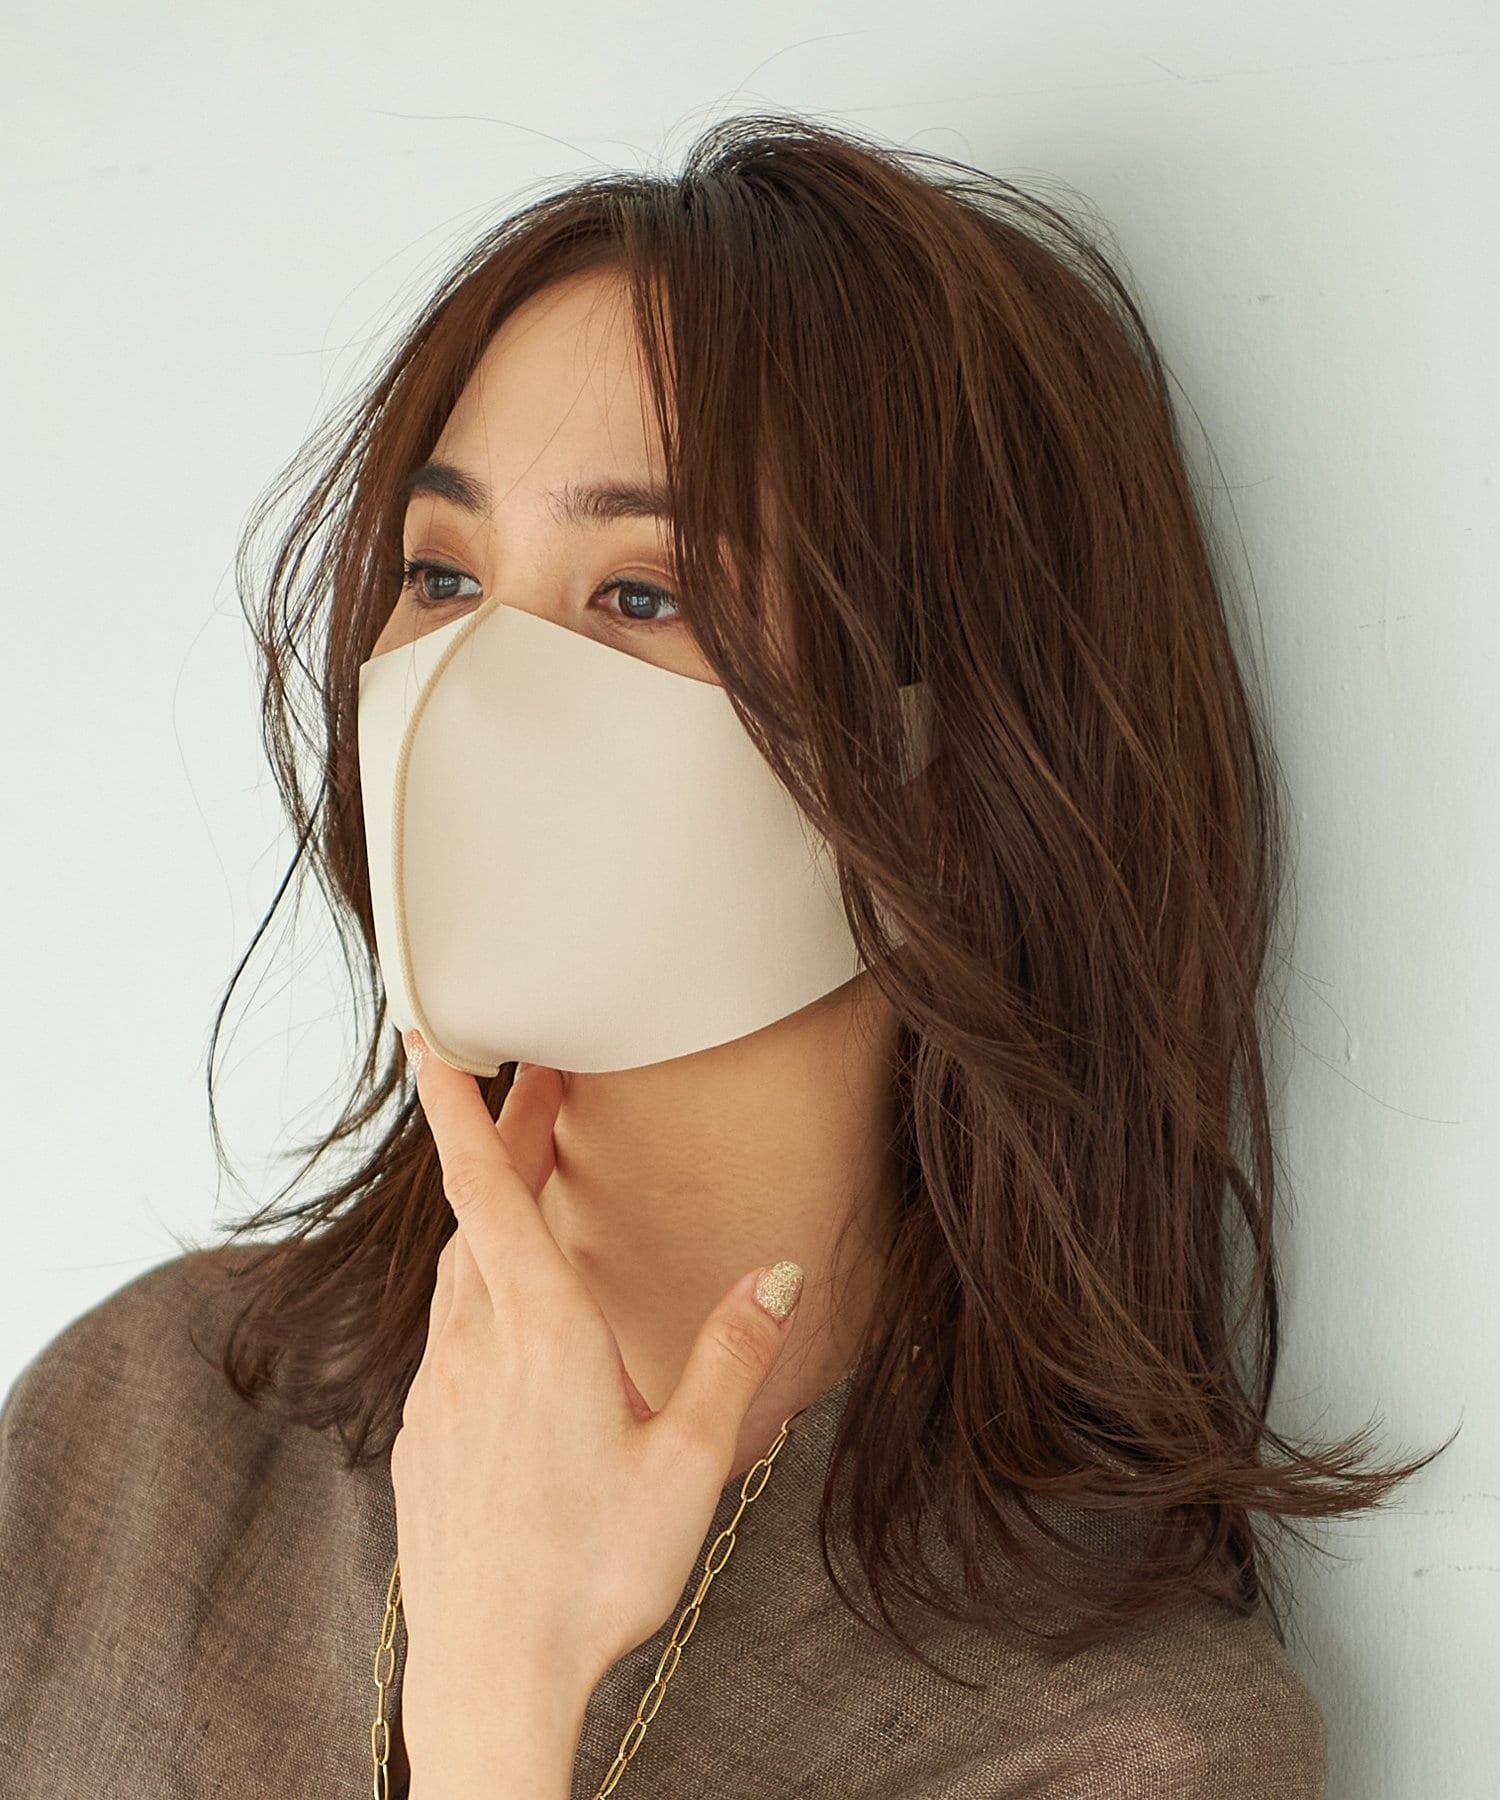 La boutique BonBon(ラブティックボンボン) レディース 【動画付き】小顔見えニュアンスカラー立体マスク・抗菌防臭【フリーサイズ】 ベージュ